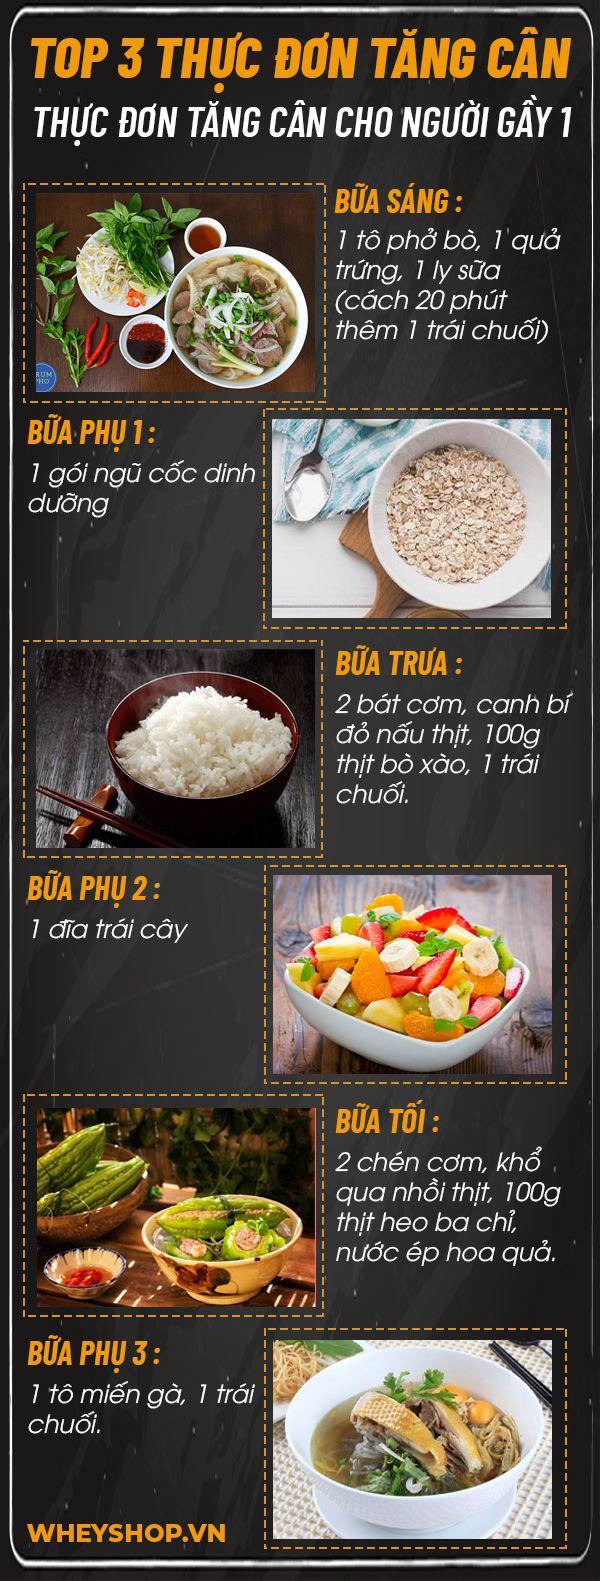 Bạn ăn nhiều nhưng vẫn chưa tăng cân ? Cùng WheyShop tìm hiểu ngay 3 thực đơn tăng cân cho người gầy hiệu quả nhất, dễ dàng thực hiện đơn giản...